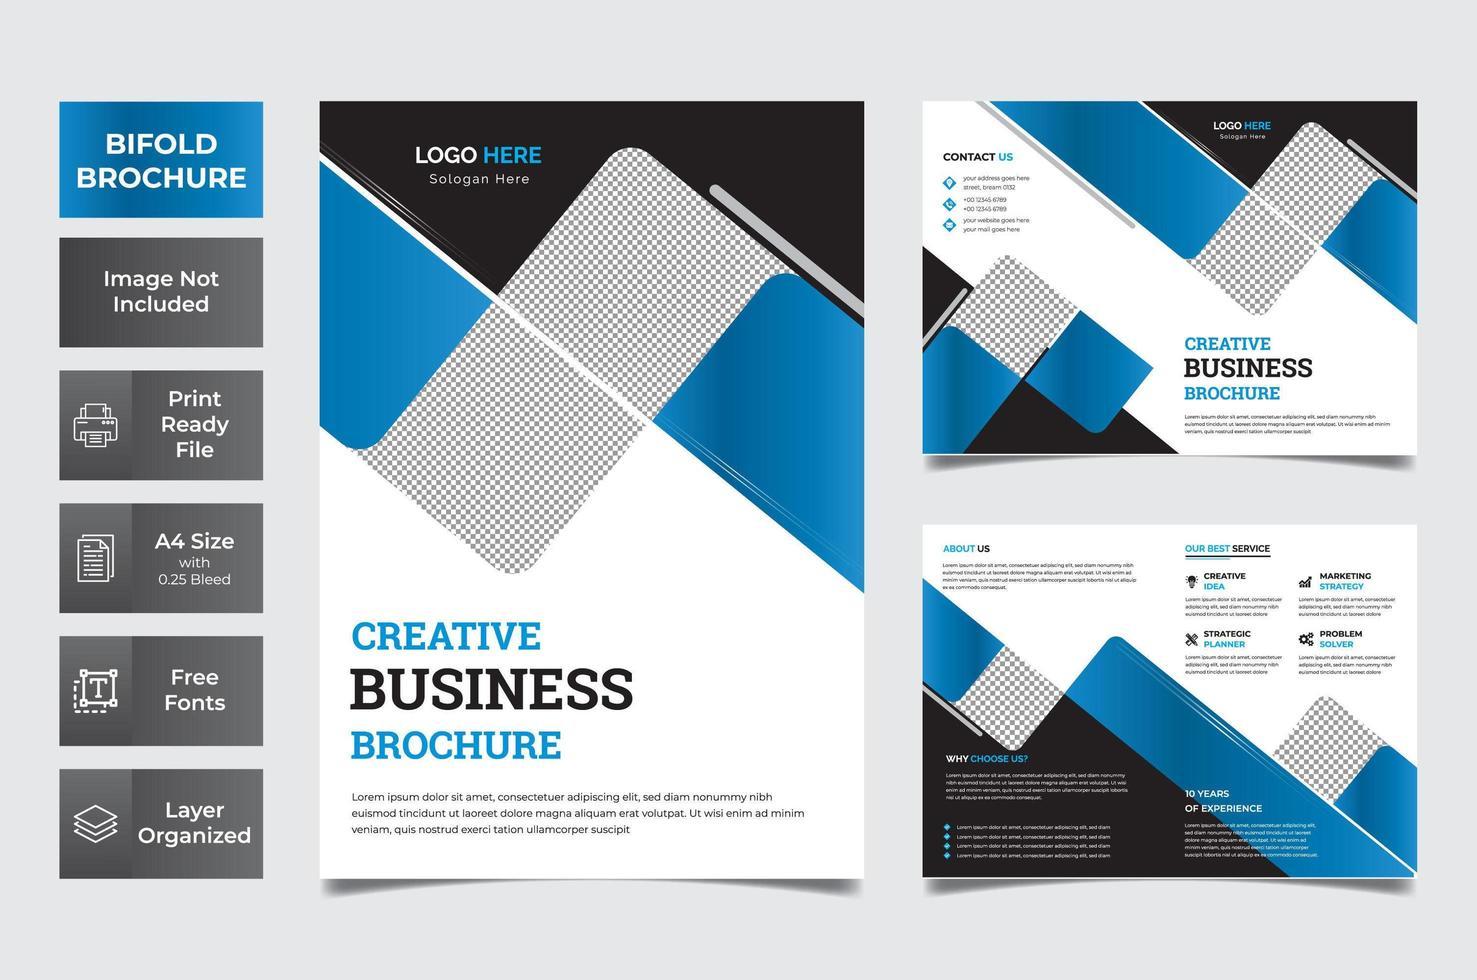 blå, vit och svart företags bifold broschyr vektor